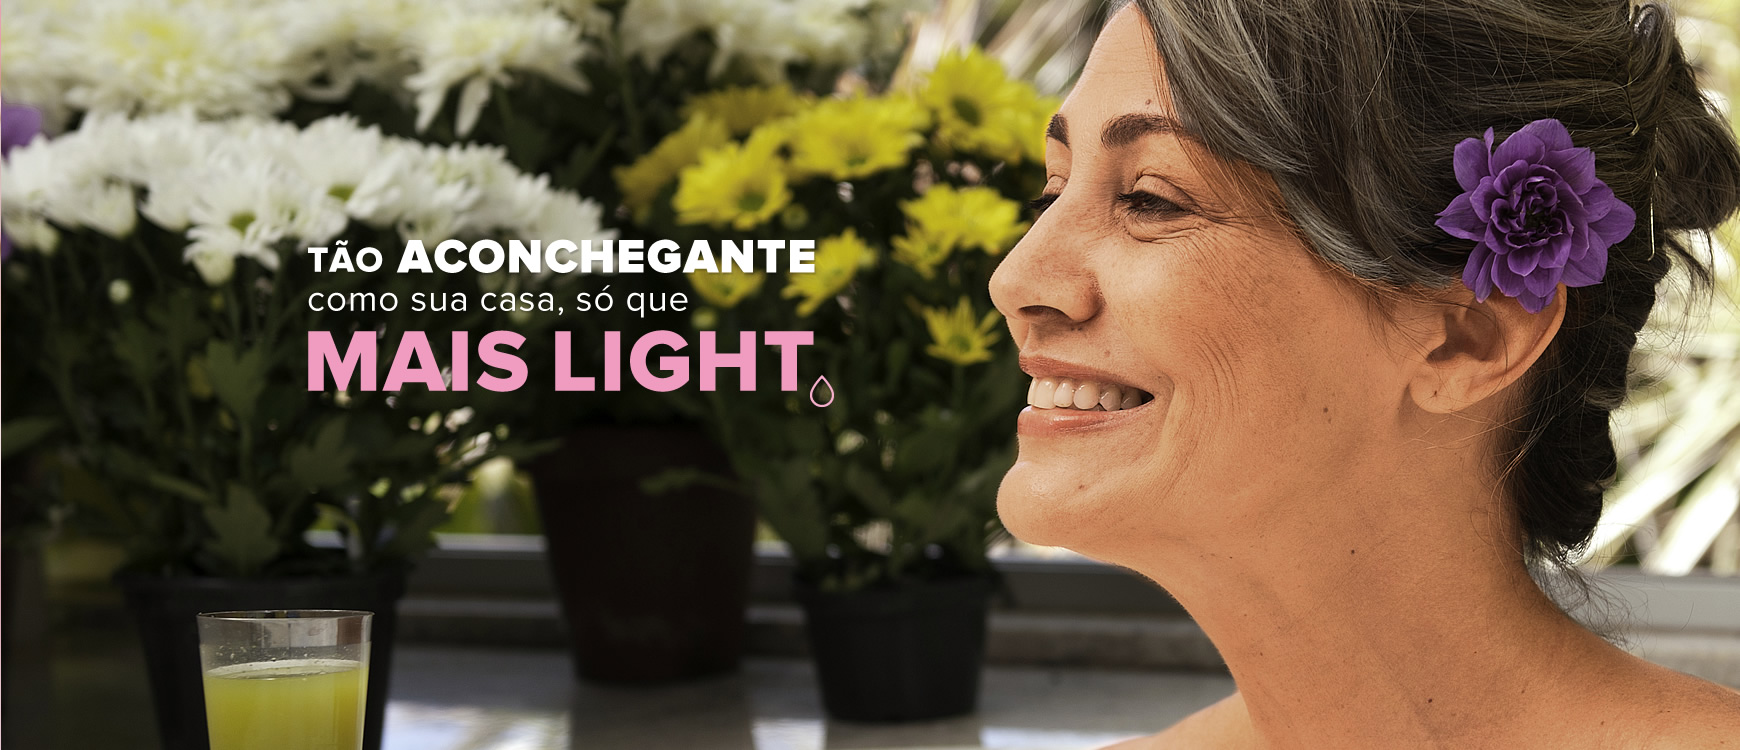 Mais Light